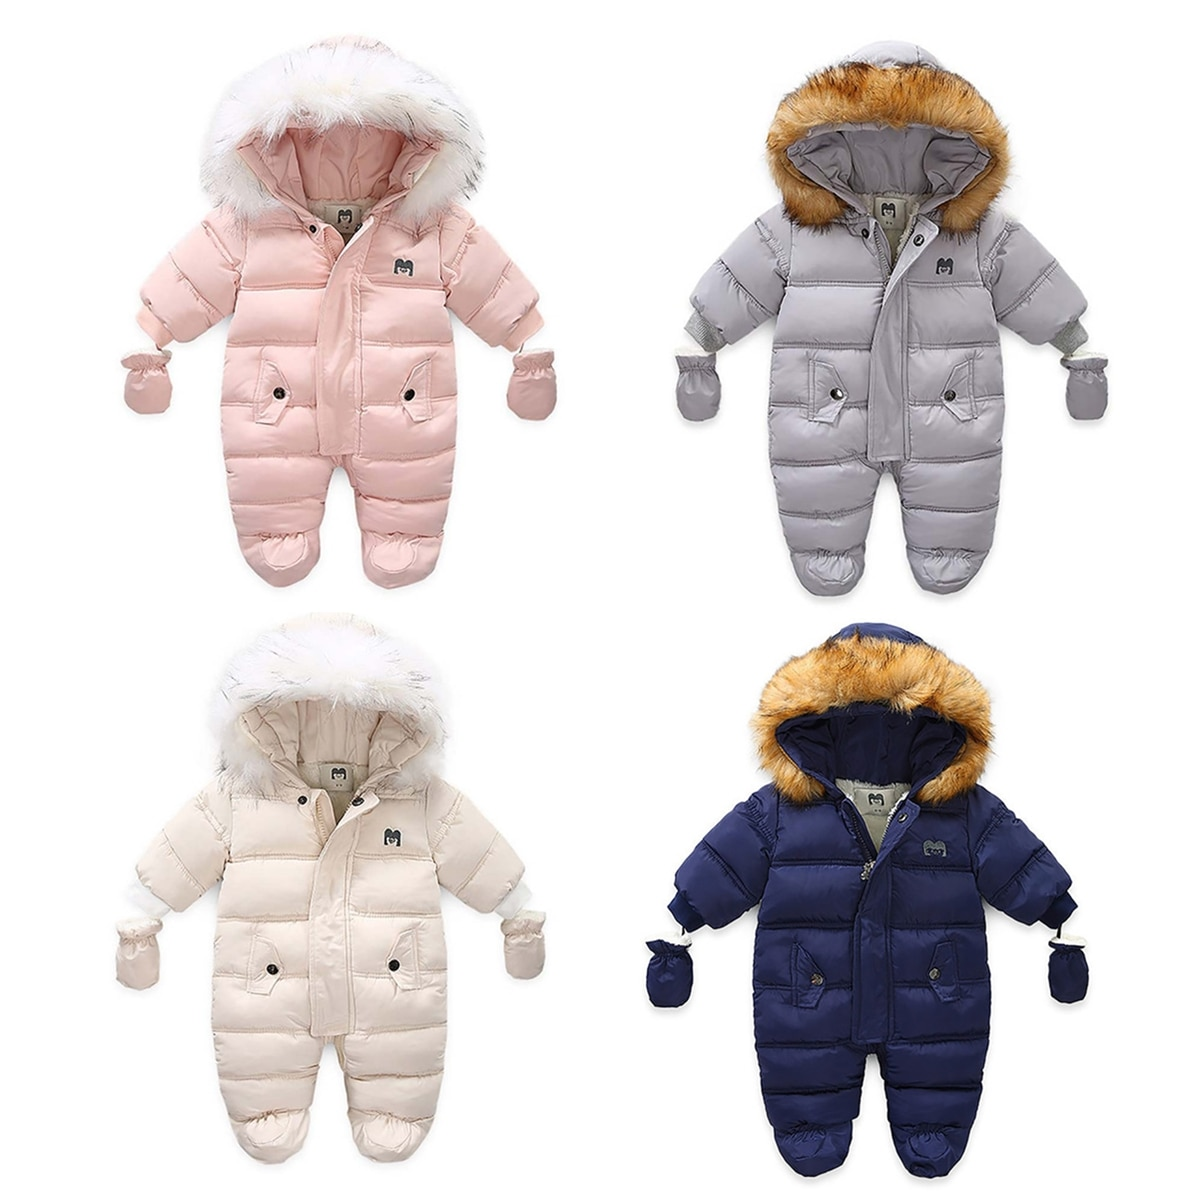 Winter Children Clothing Set Baby Boy Girl Clothes Warm Down Jacket Coat Jumpsuit Snowsuit Kids Park